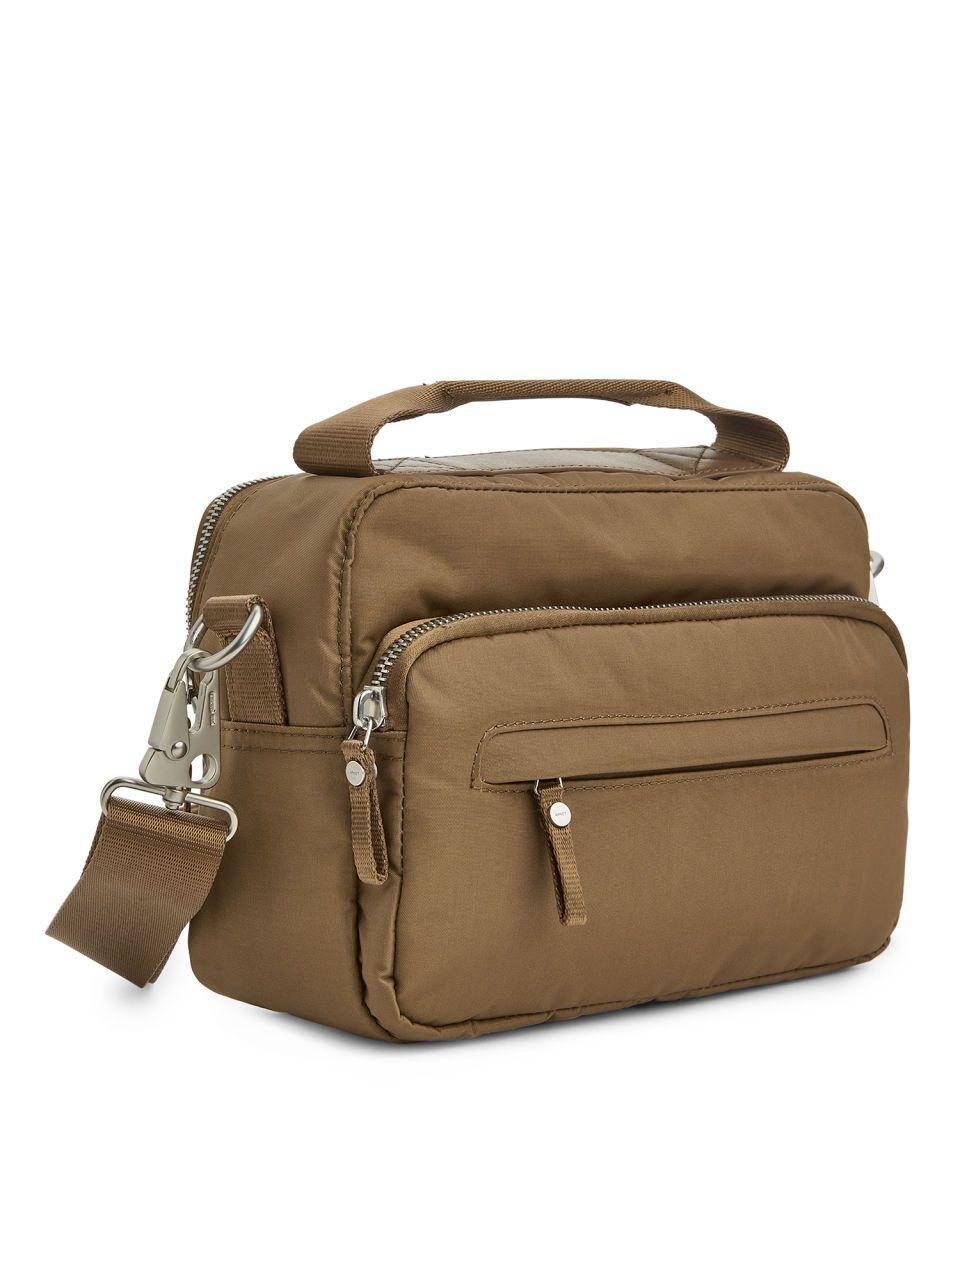 ea6fc535bfa1 Nylon Camera Bag - Beige - Bags   accessories - ARKET DK